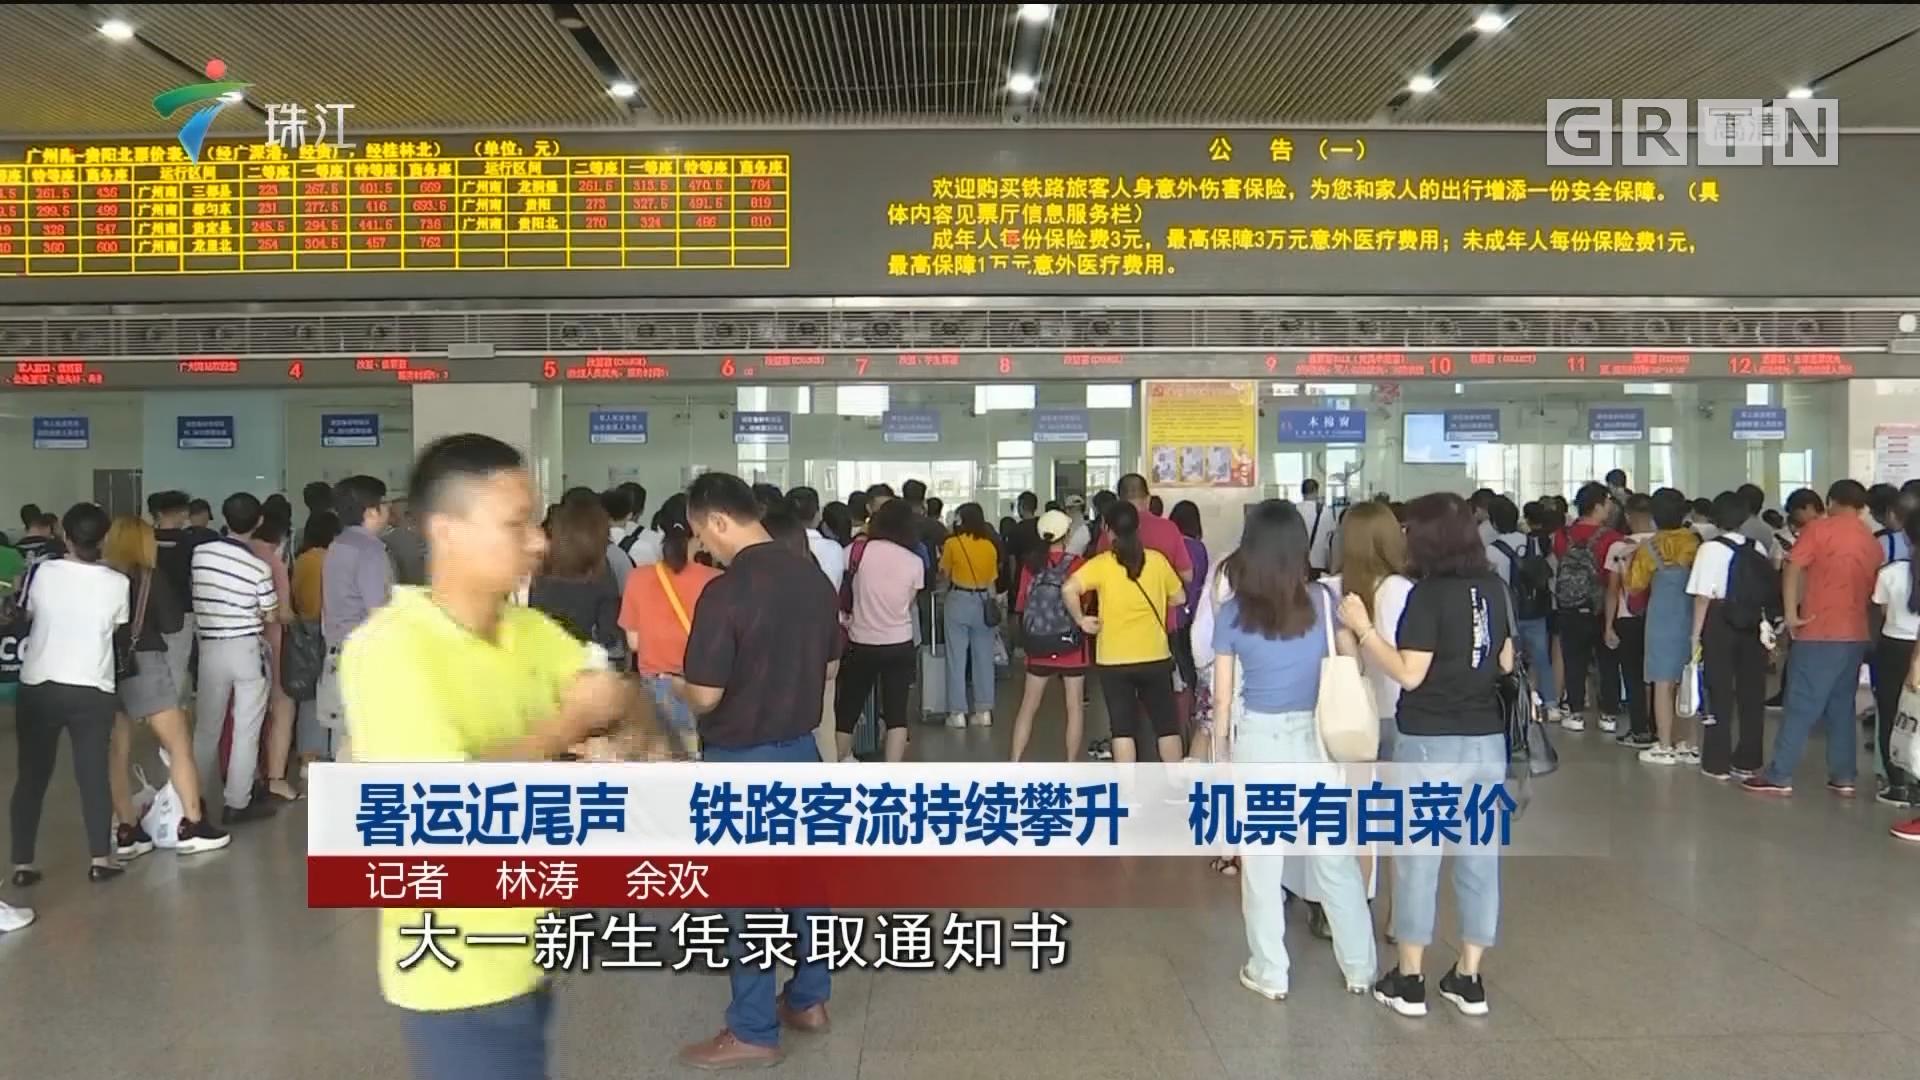 暑运近尾声 铁路客流持续攀升 机票有白菜价